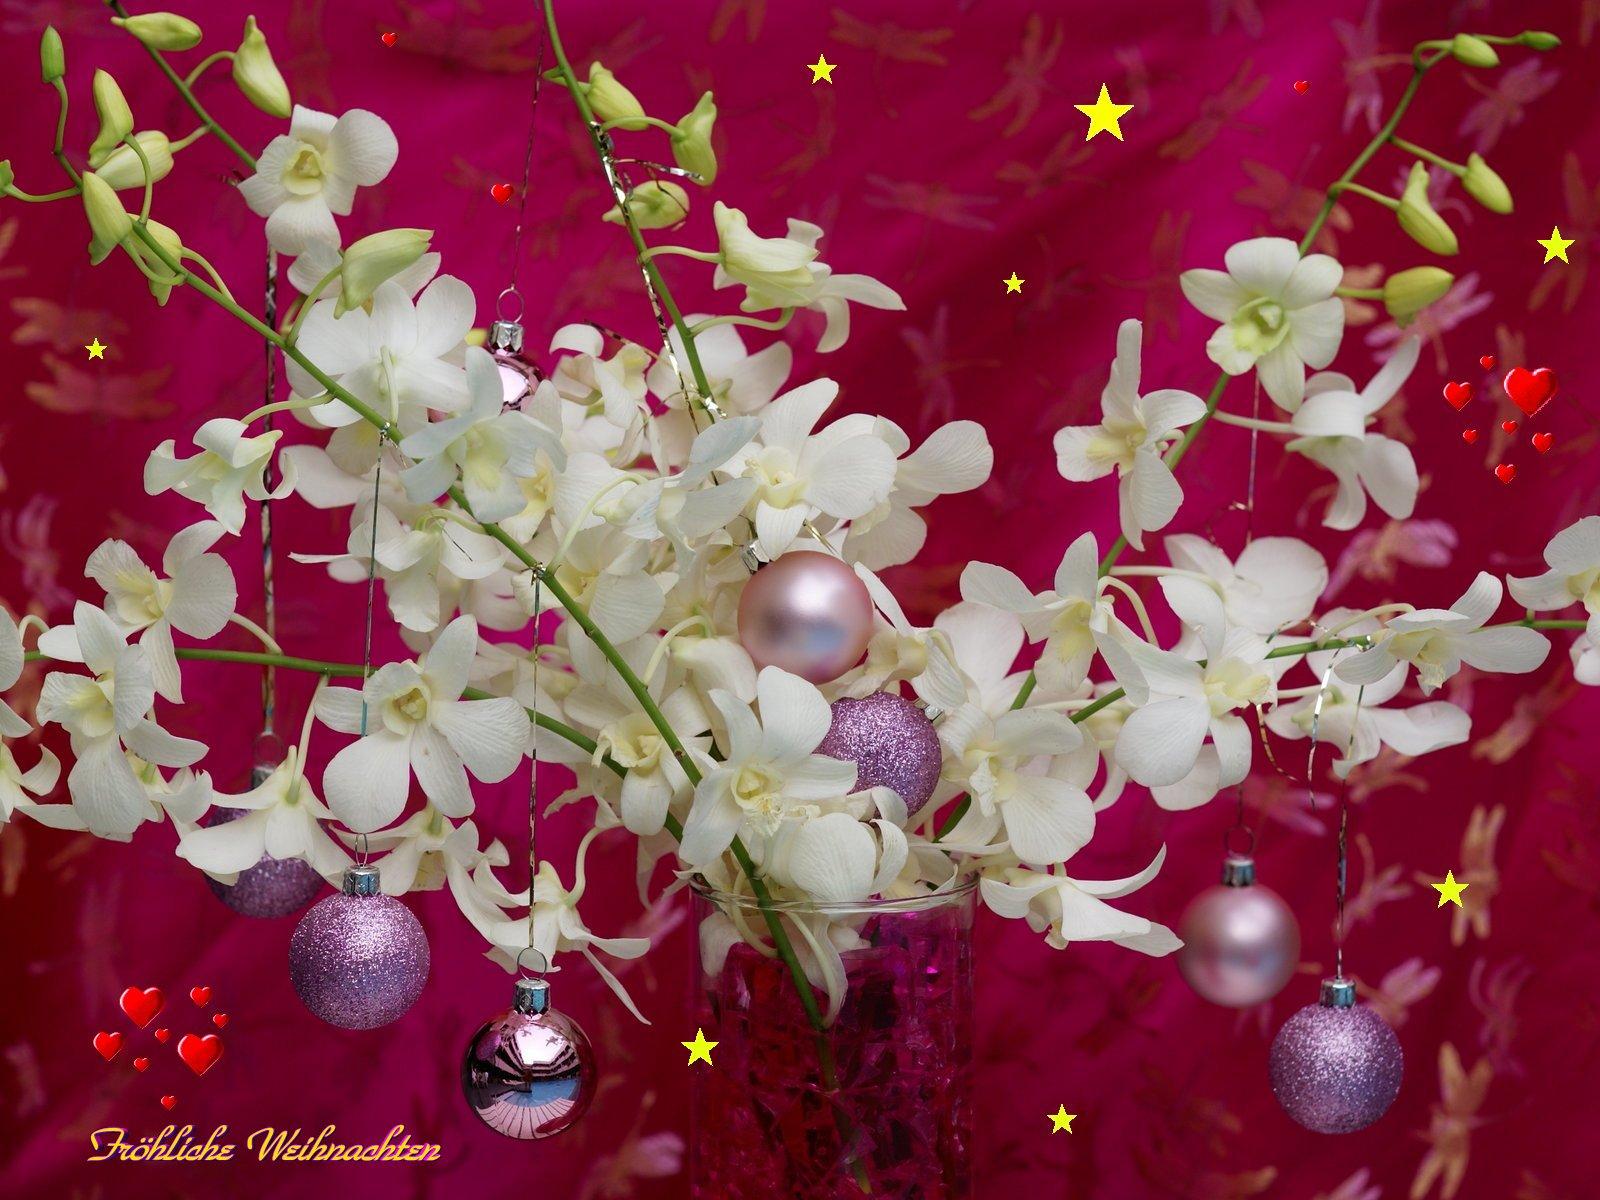 Weihnachten hintergrund bilder weihnachts desktop hintergrundbilder - Weihnachten wallpaper ...